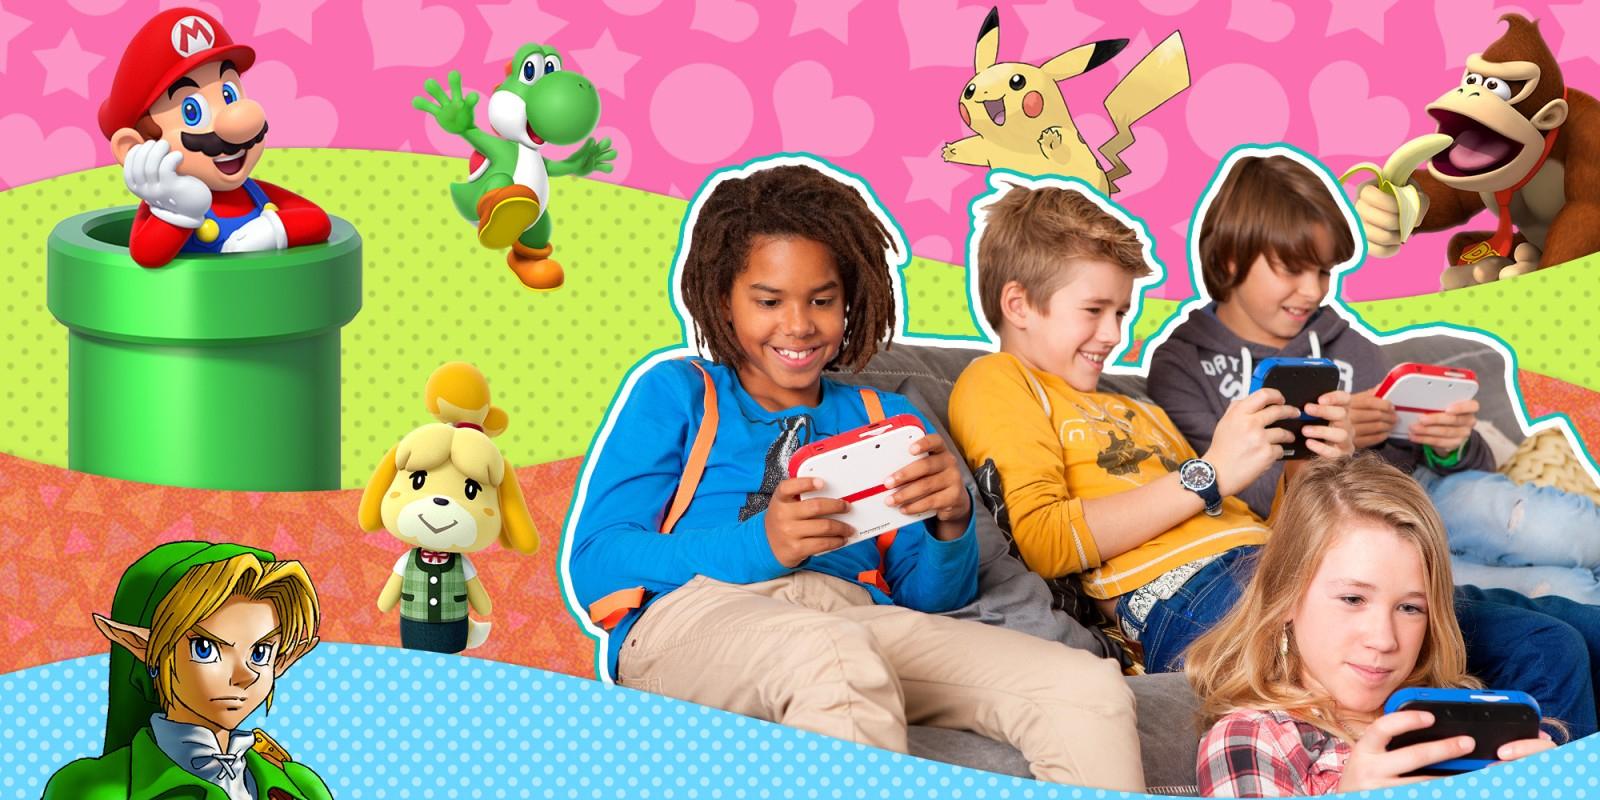 Jeux Nintendo Pour Les Enfants | Nintendo concernant Jeux Educatif Gratuit Pour Fille De 5 Ans